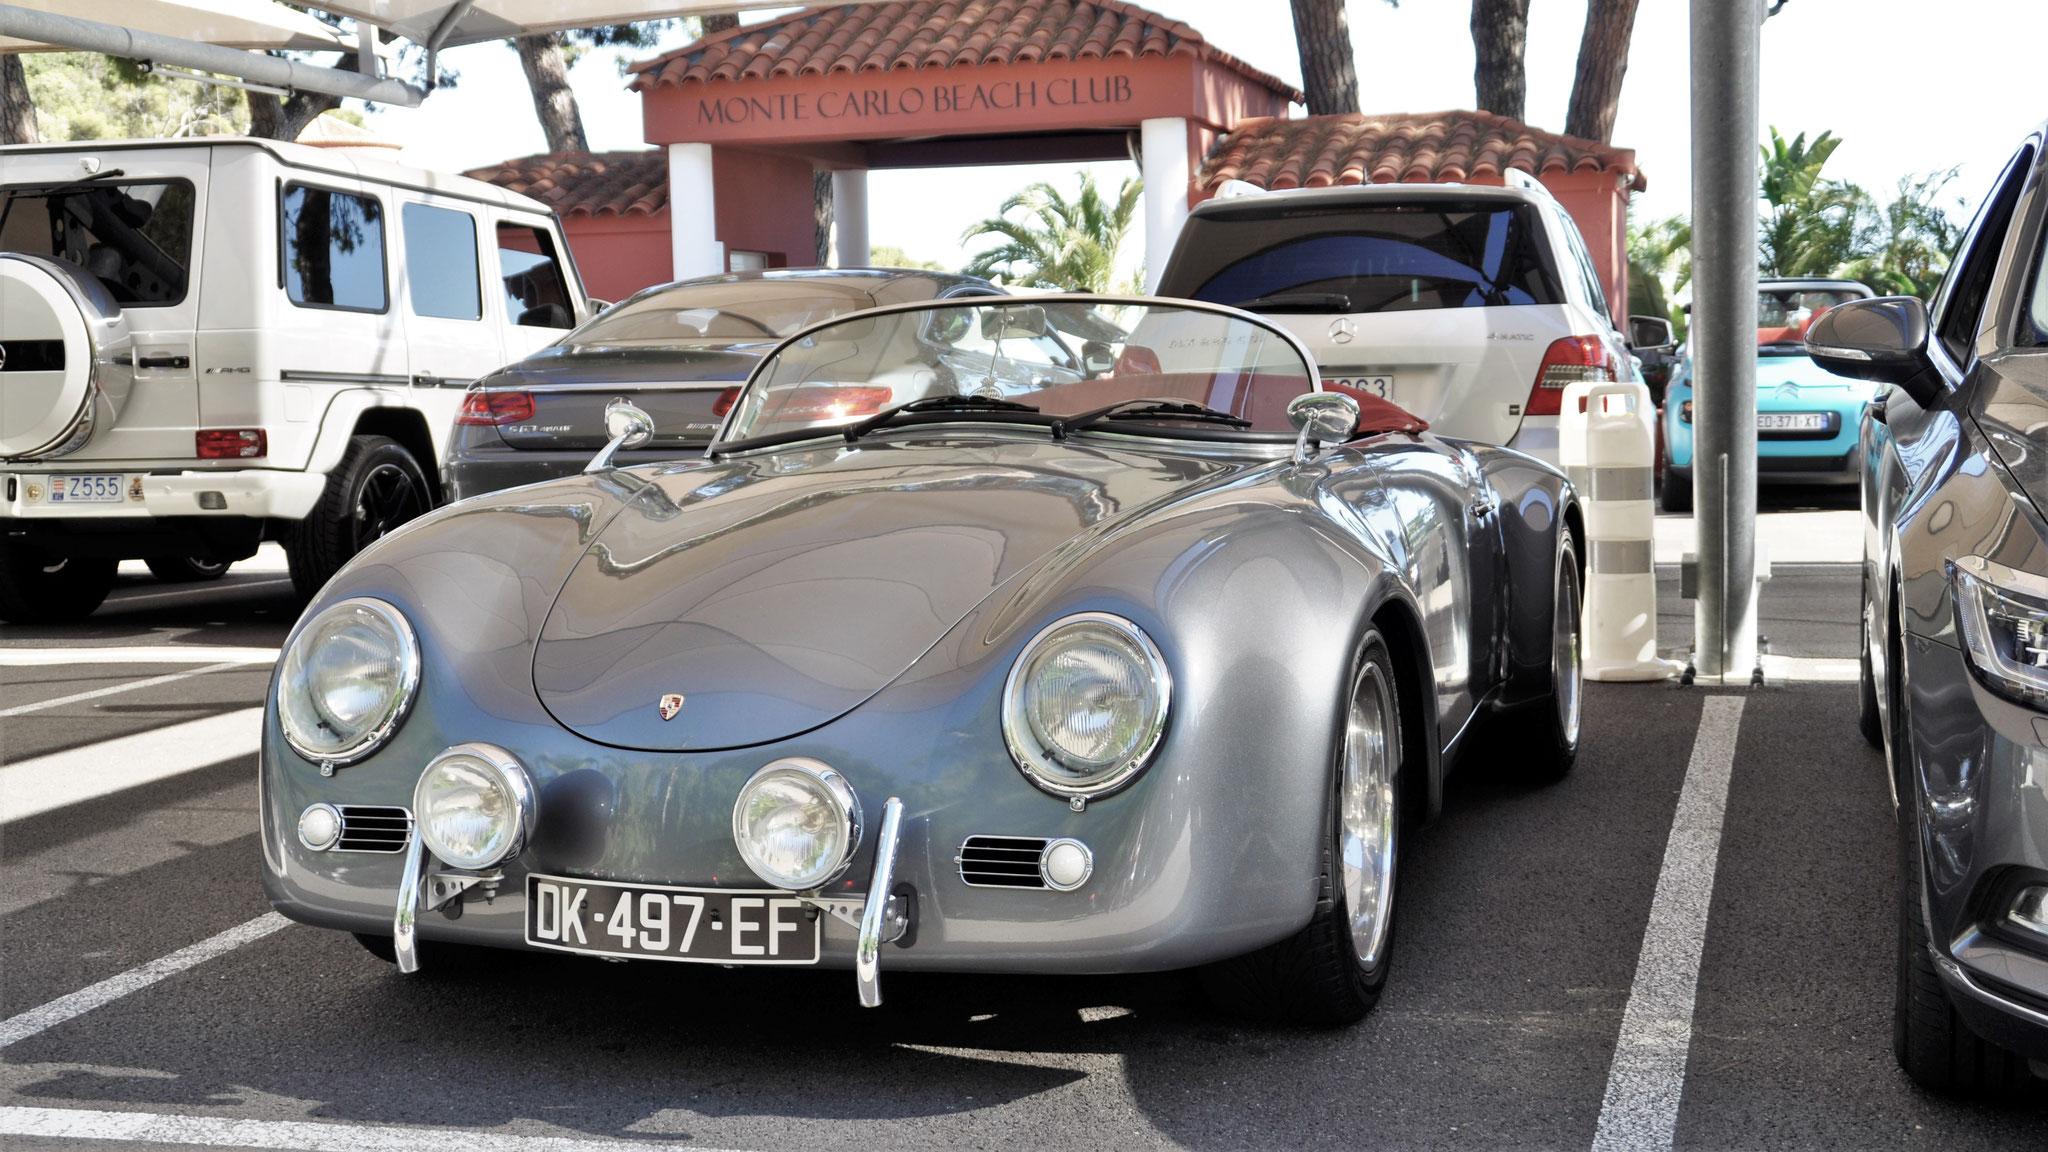 Porsche 356 1600 Super Speedster - DK-497-EF (ITA?)